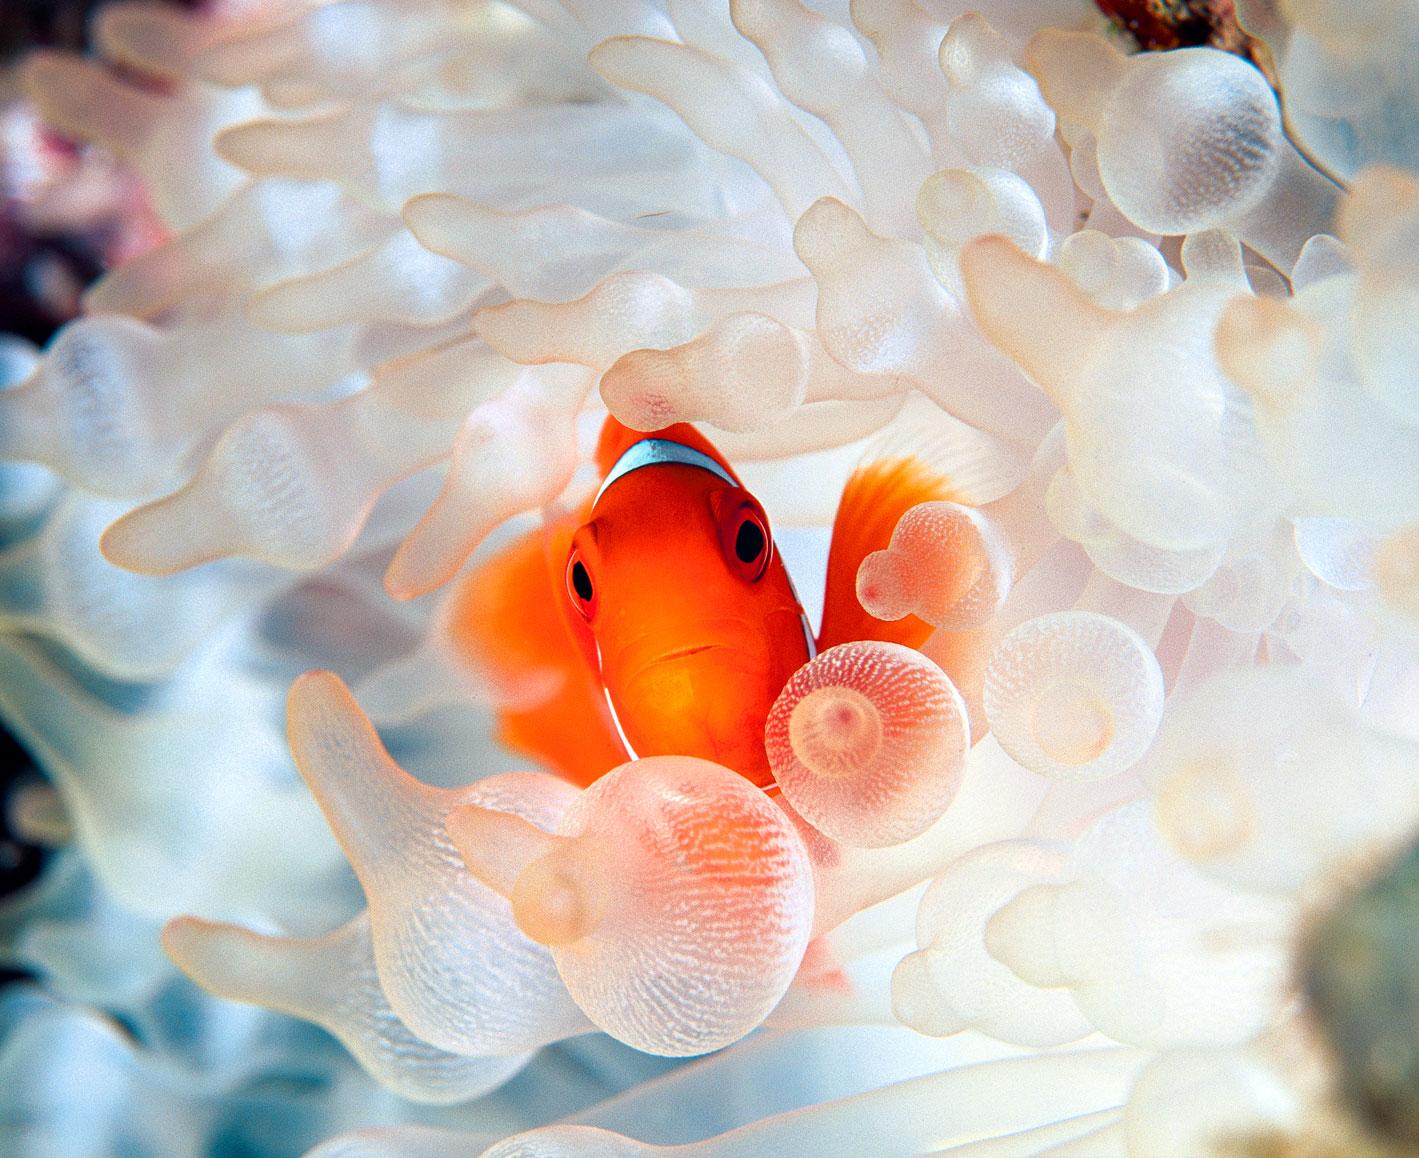 David doubilet deep sea photographer martinlutherkingjr for A clown fish